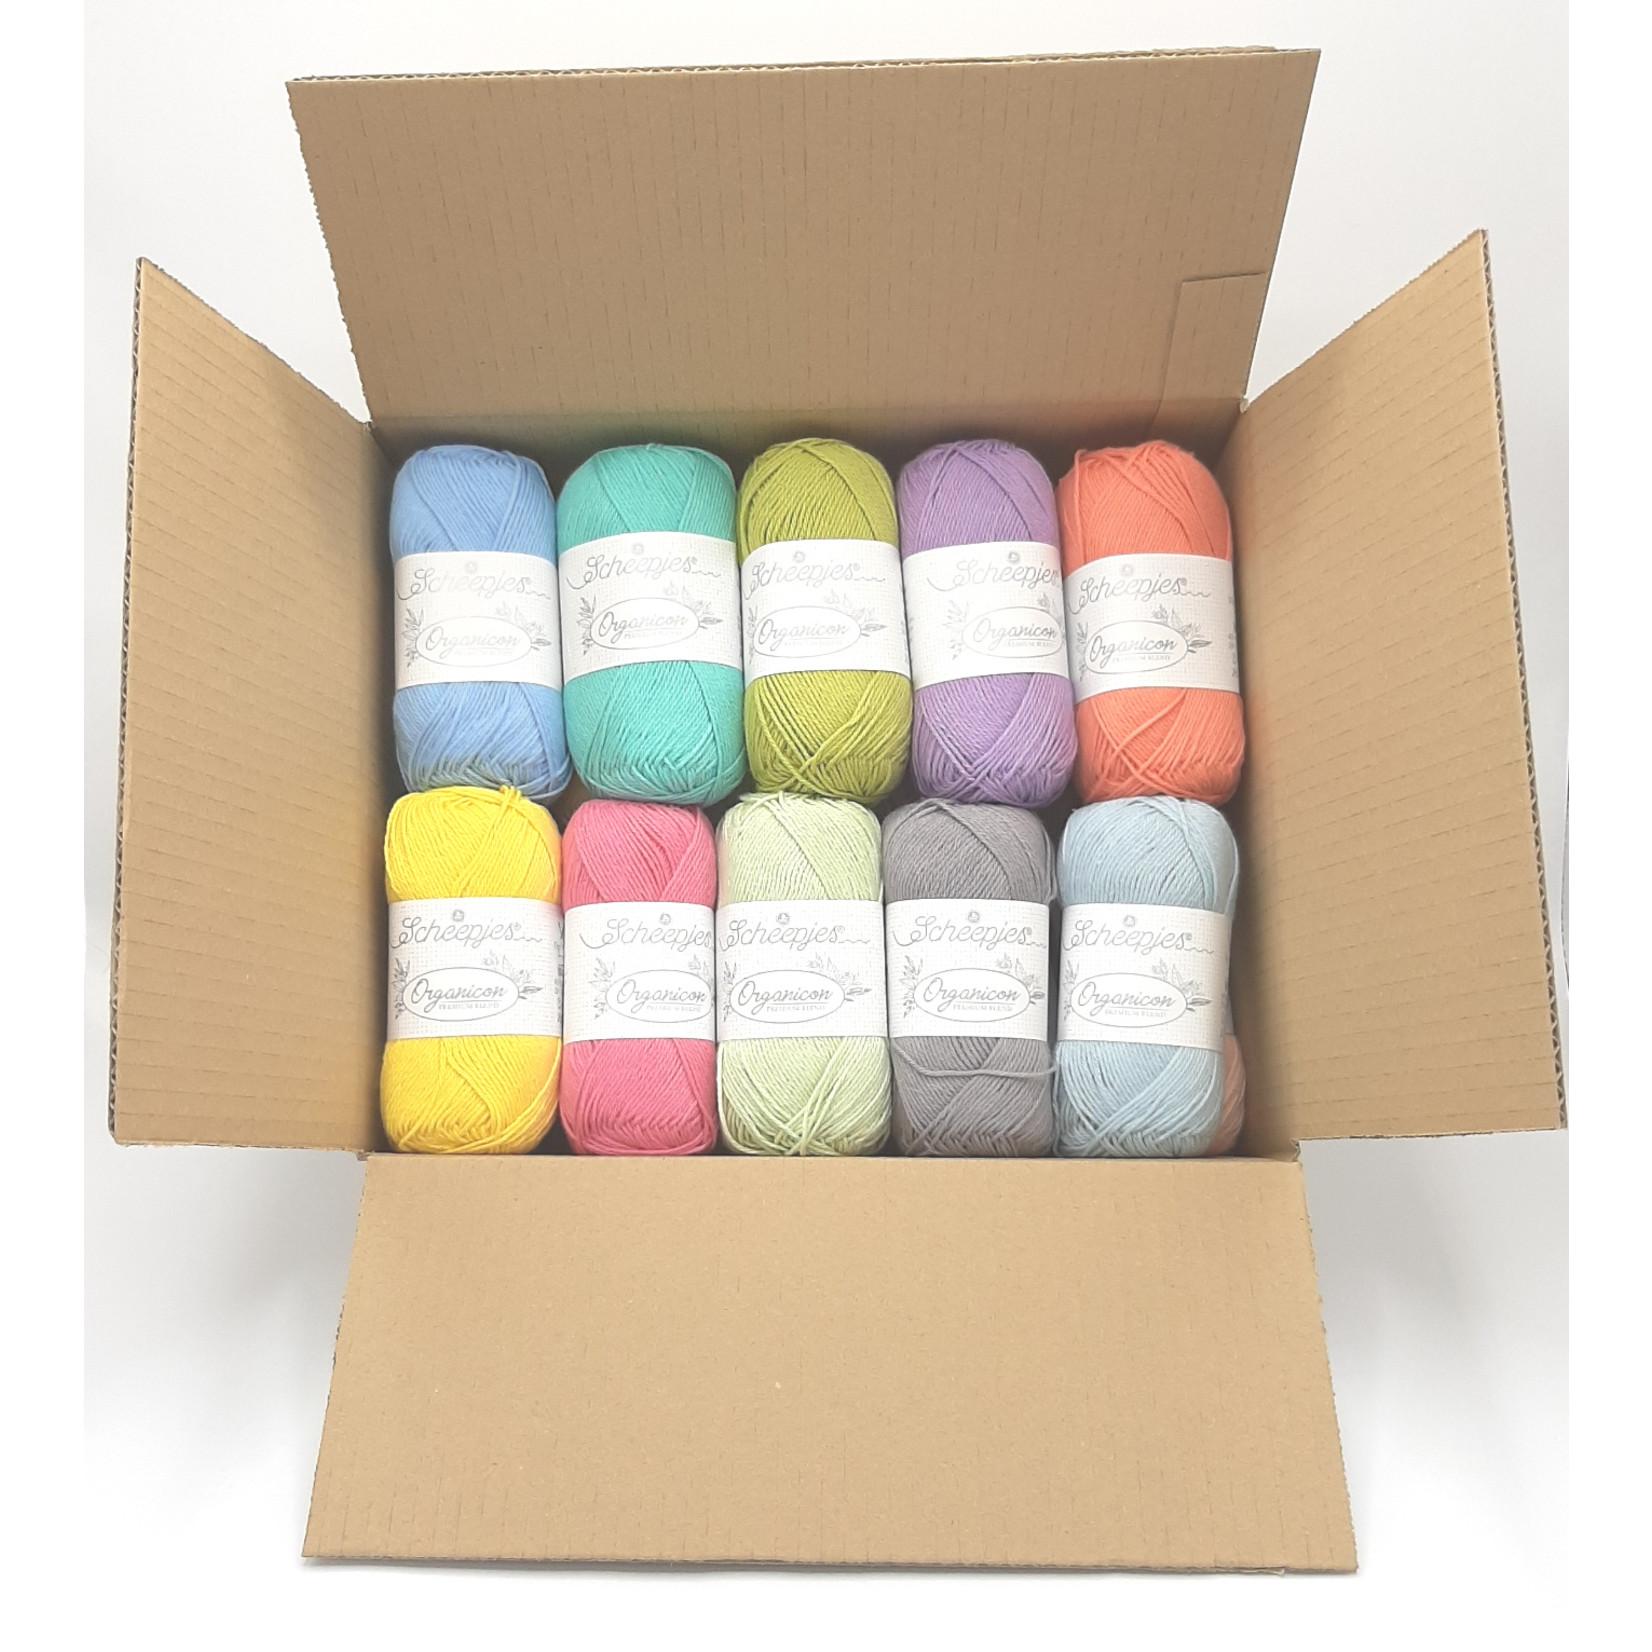 Scheepjes Scheepjes Organicon Assortiment - 21 kleuren x 50 gr.